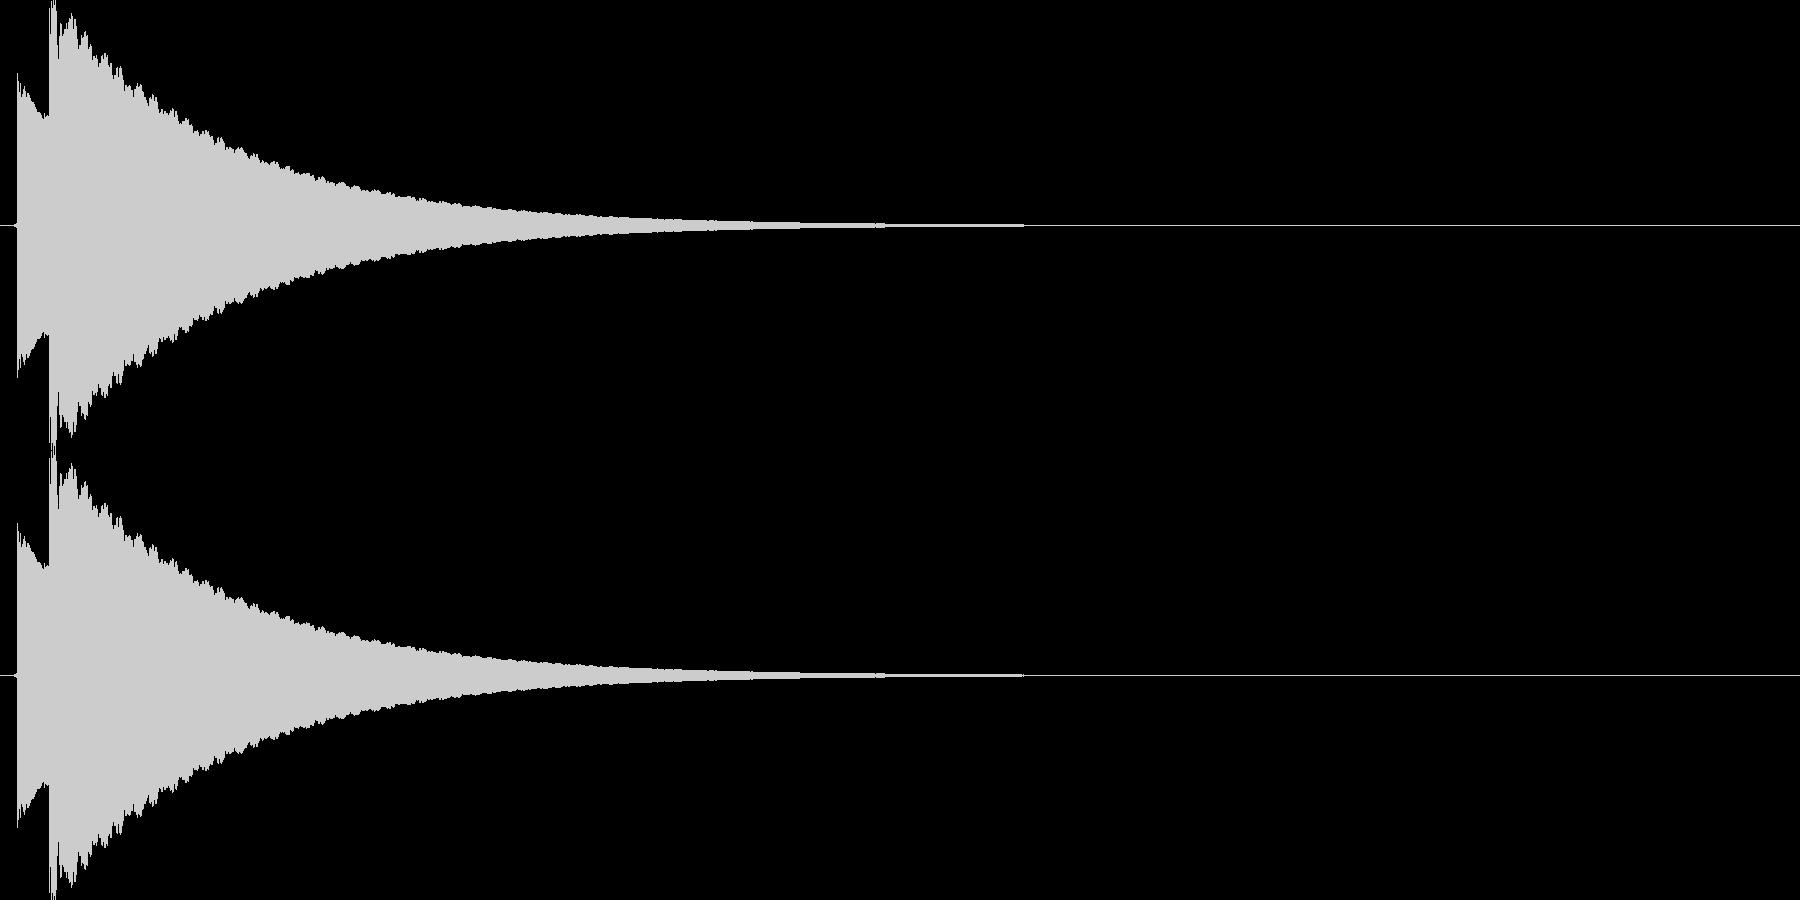 【SE】ピキーン02(コーラス)の未再生の波形